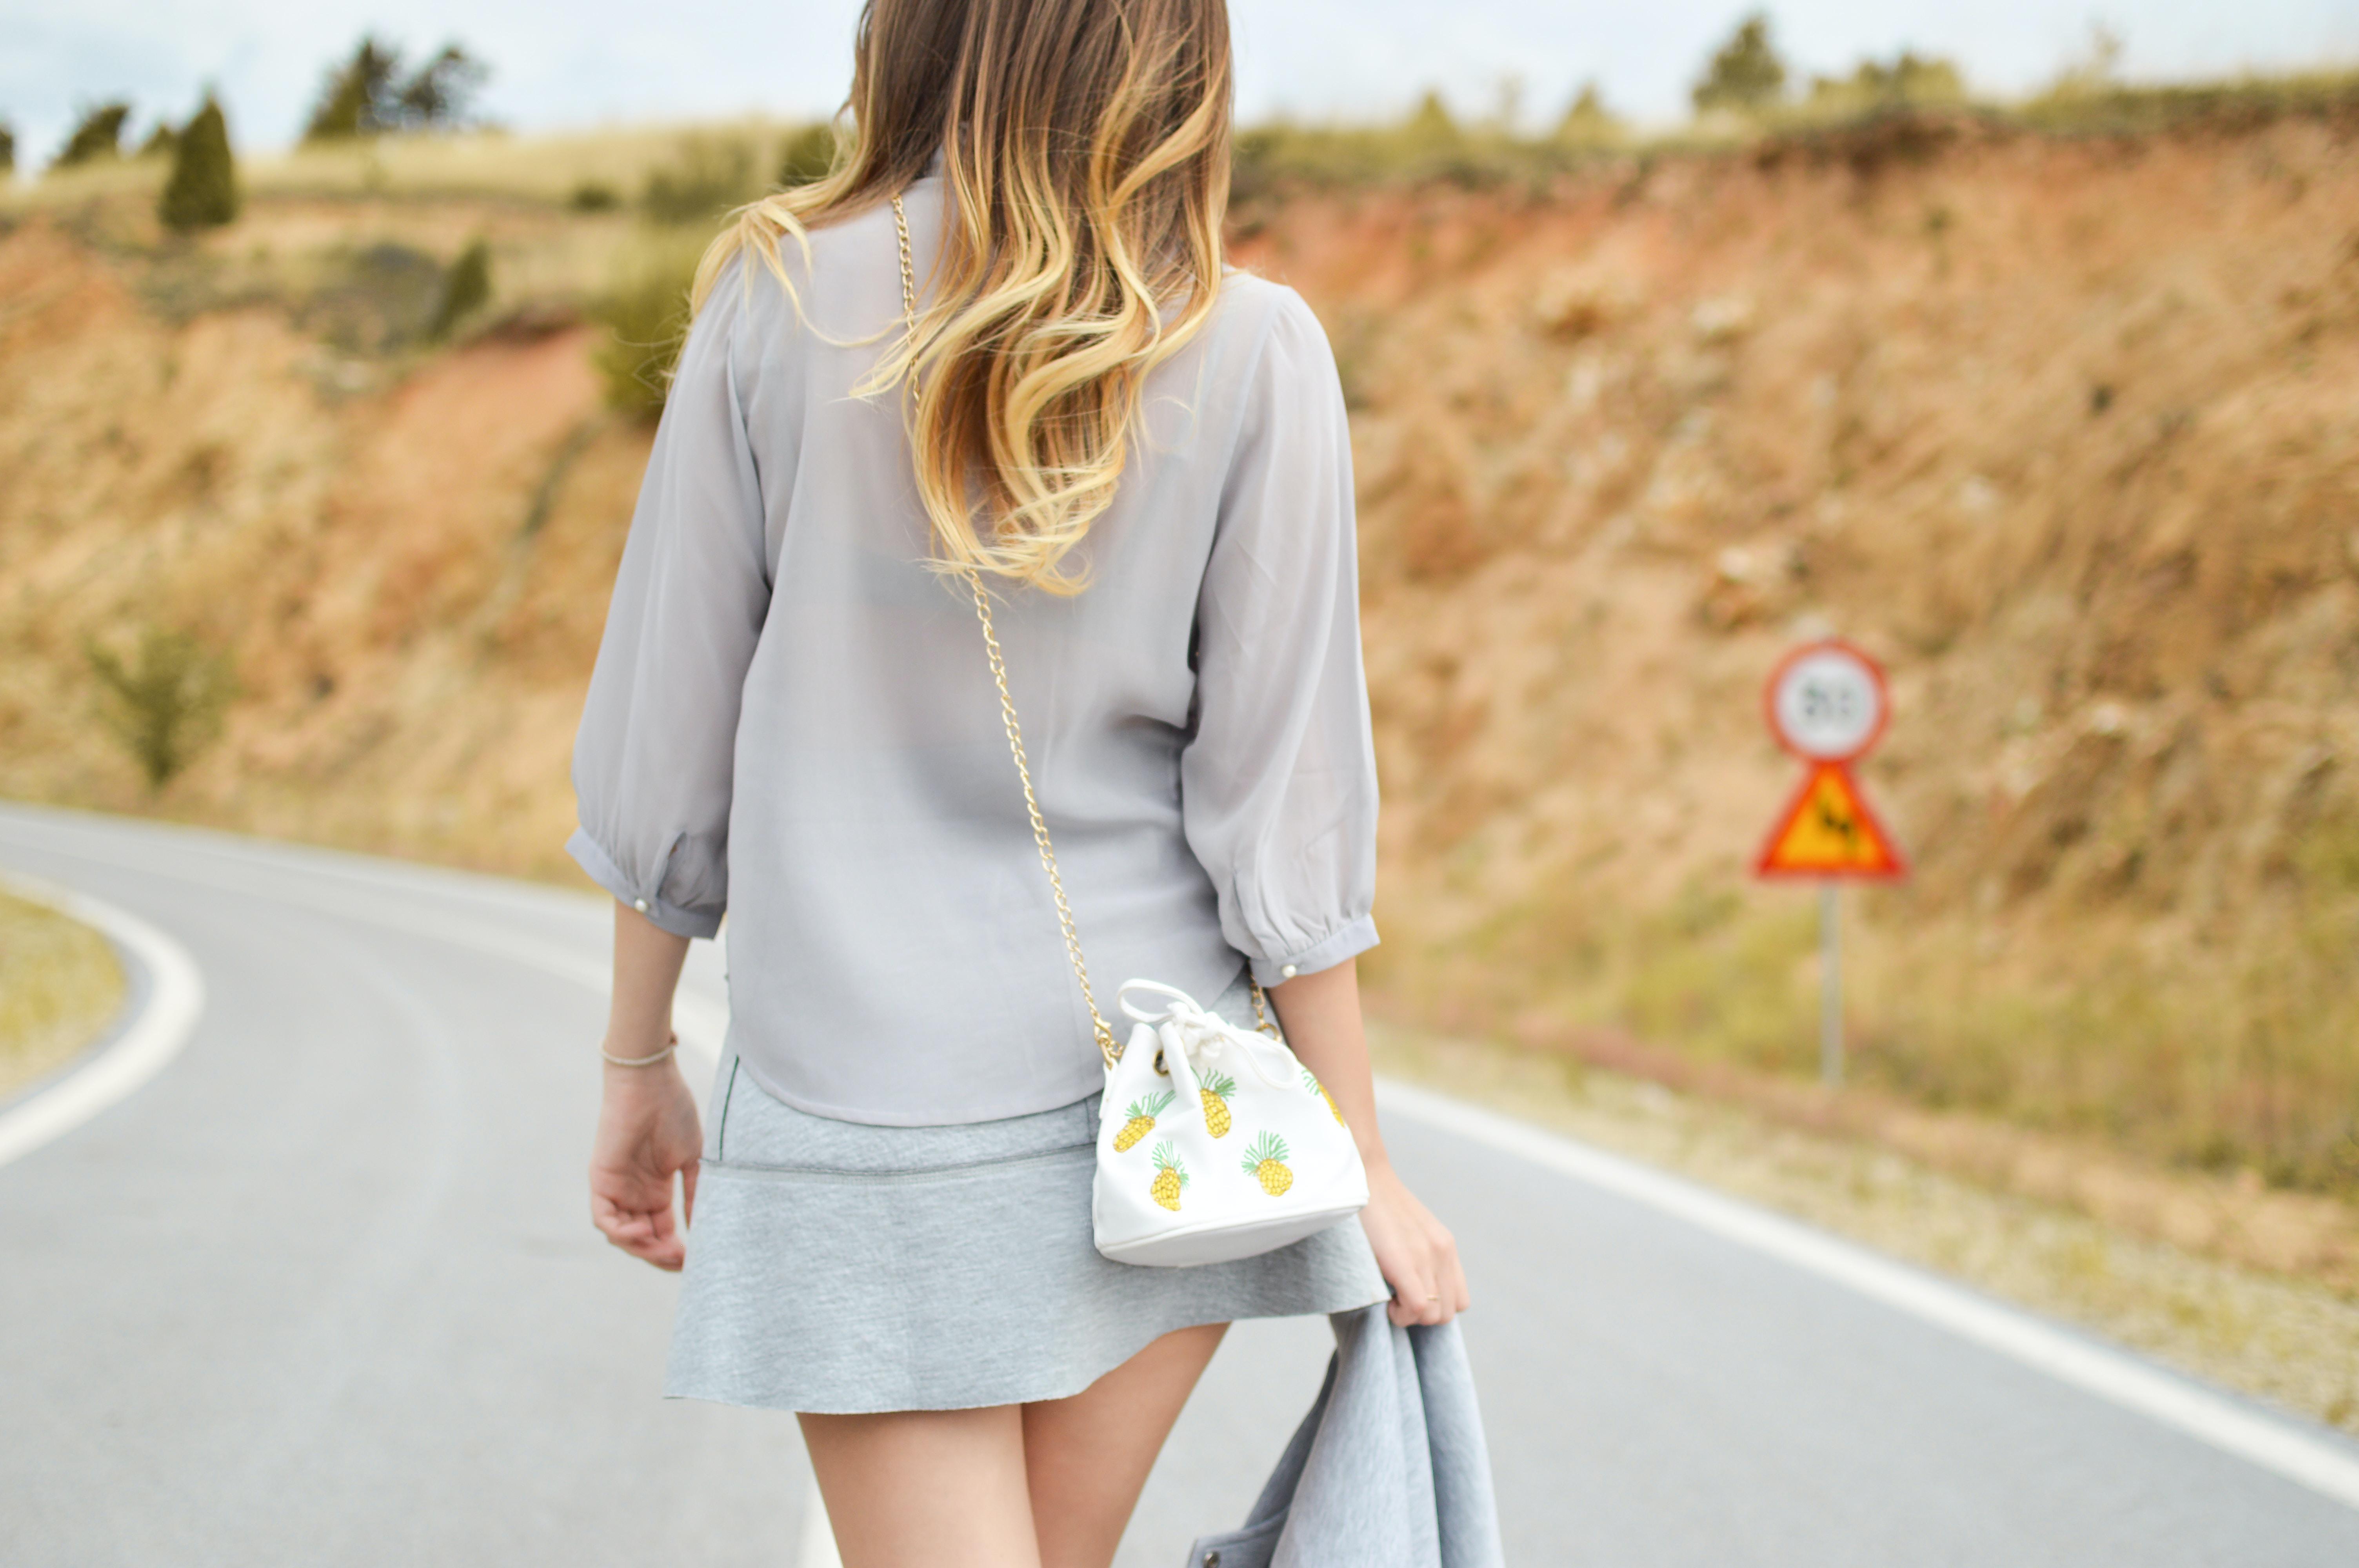 woman walk on concrete road